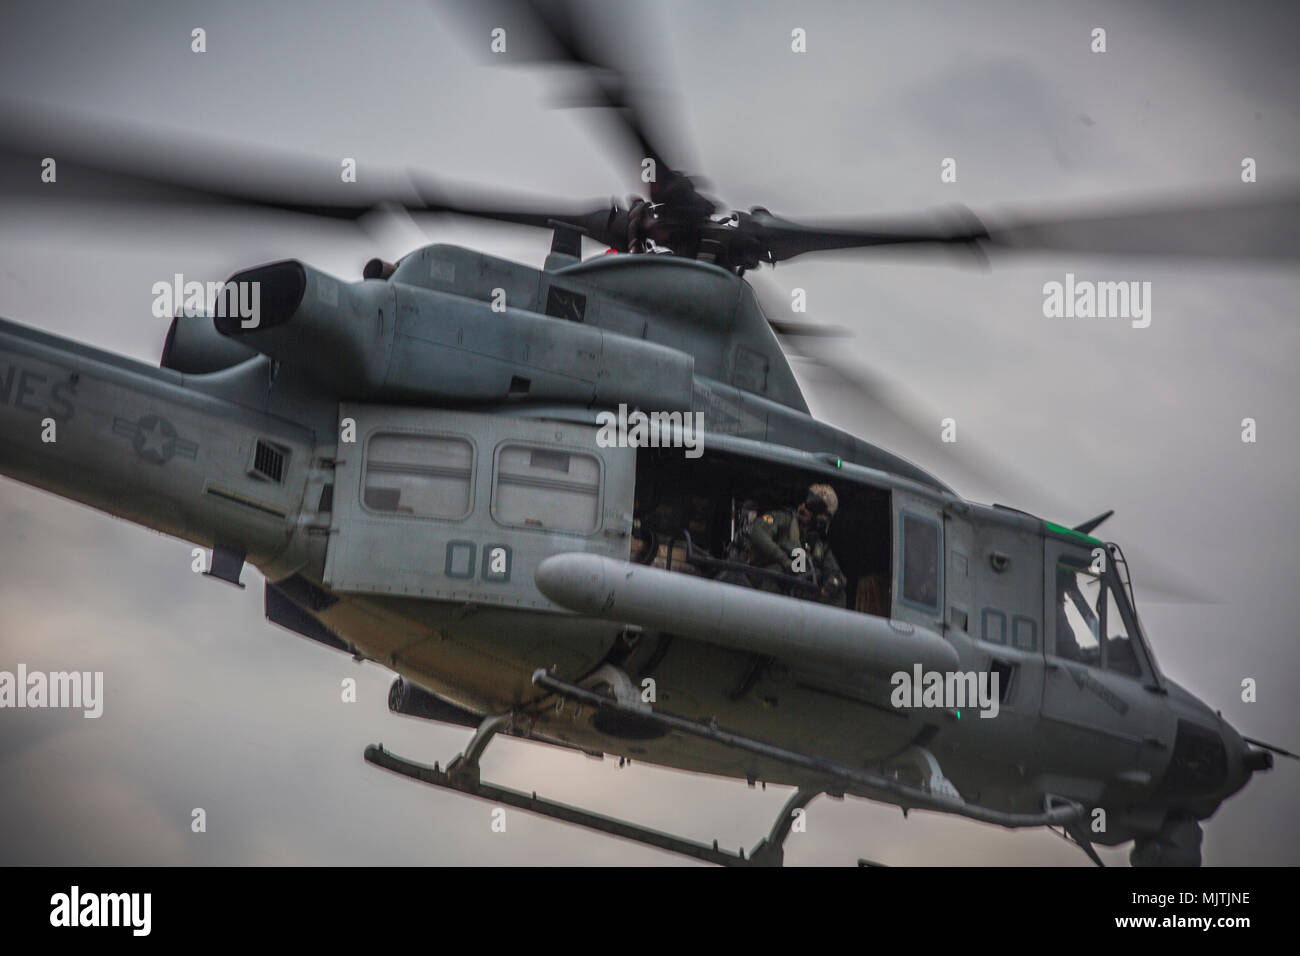 """Le lieutenant général Brian D. Beaudreault, commandant adjoint des plans, politiques et opérations, parle à l'UH-1Y Venom au Camp d'équipage Foster, Okinawa, Japon, le 15 décembre 2017. L'Escadron d'hélicoptères d'attaque légère Marine 369 fourni Beaudreault un vol autour de la préfecture d'Okinawa pour évaluer la qualité de service de la Marine Corps. chowhalls La """"gunfighters'"""" sont prêts à agir à tout moment est crucial pour le maintien d'un Canada plus fort, plus capable de l'avant dans la force déployée Indo-Asia-région du Pacifique. HMLA-369, Marine Aircraft Group 39, 3rd Marine Aircraft Wing, est actuellement déployée en vertu de l'avant l'u Banque D'Images"""